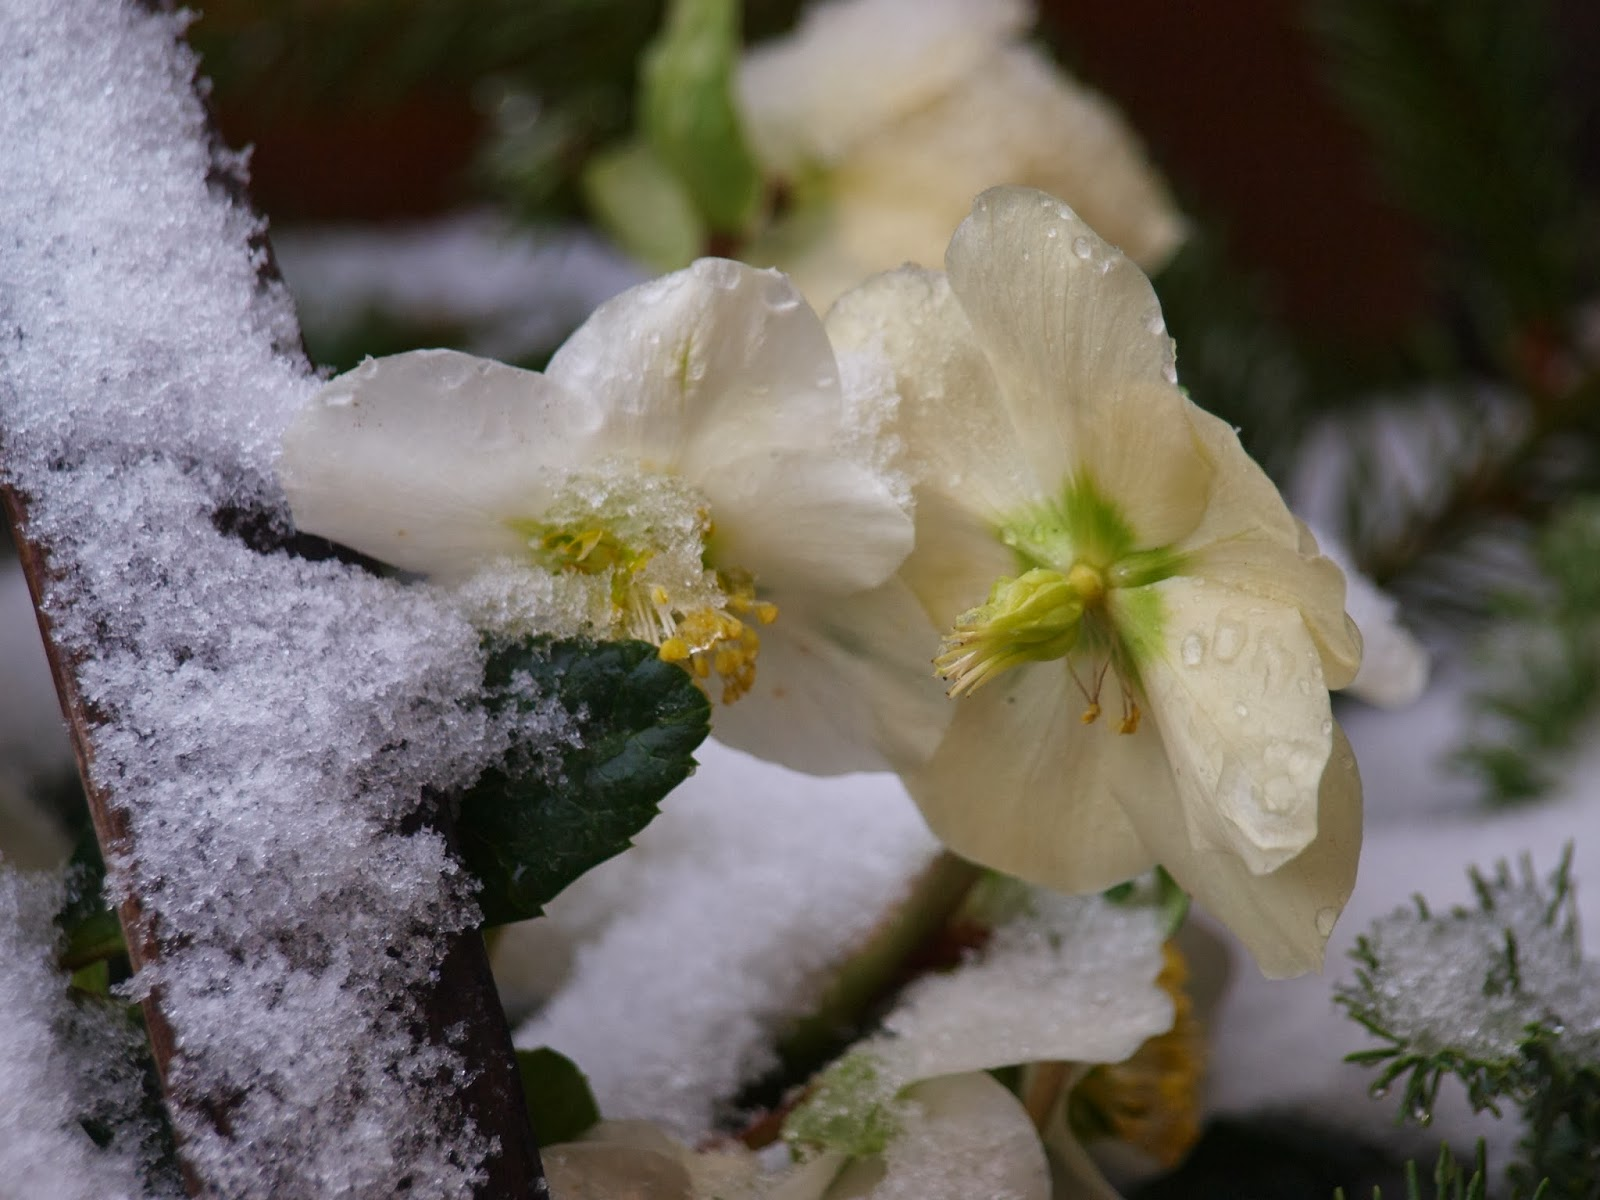 Blomster i haven om vinteren. Hvide Helleborus med sne på